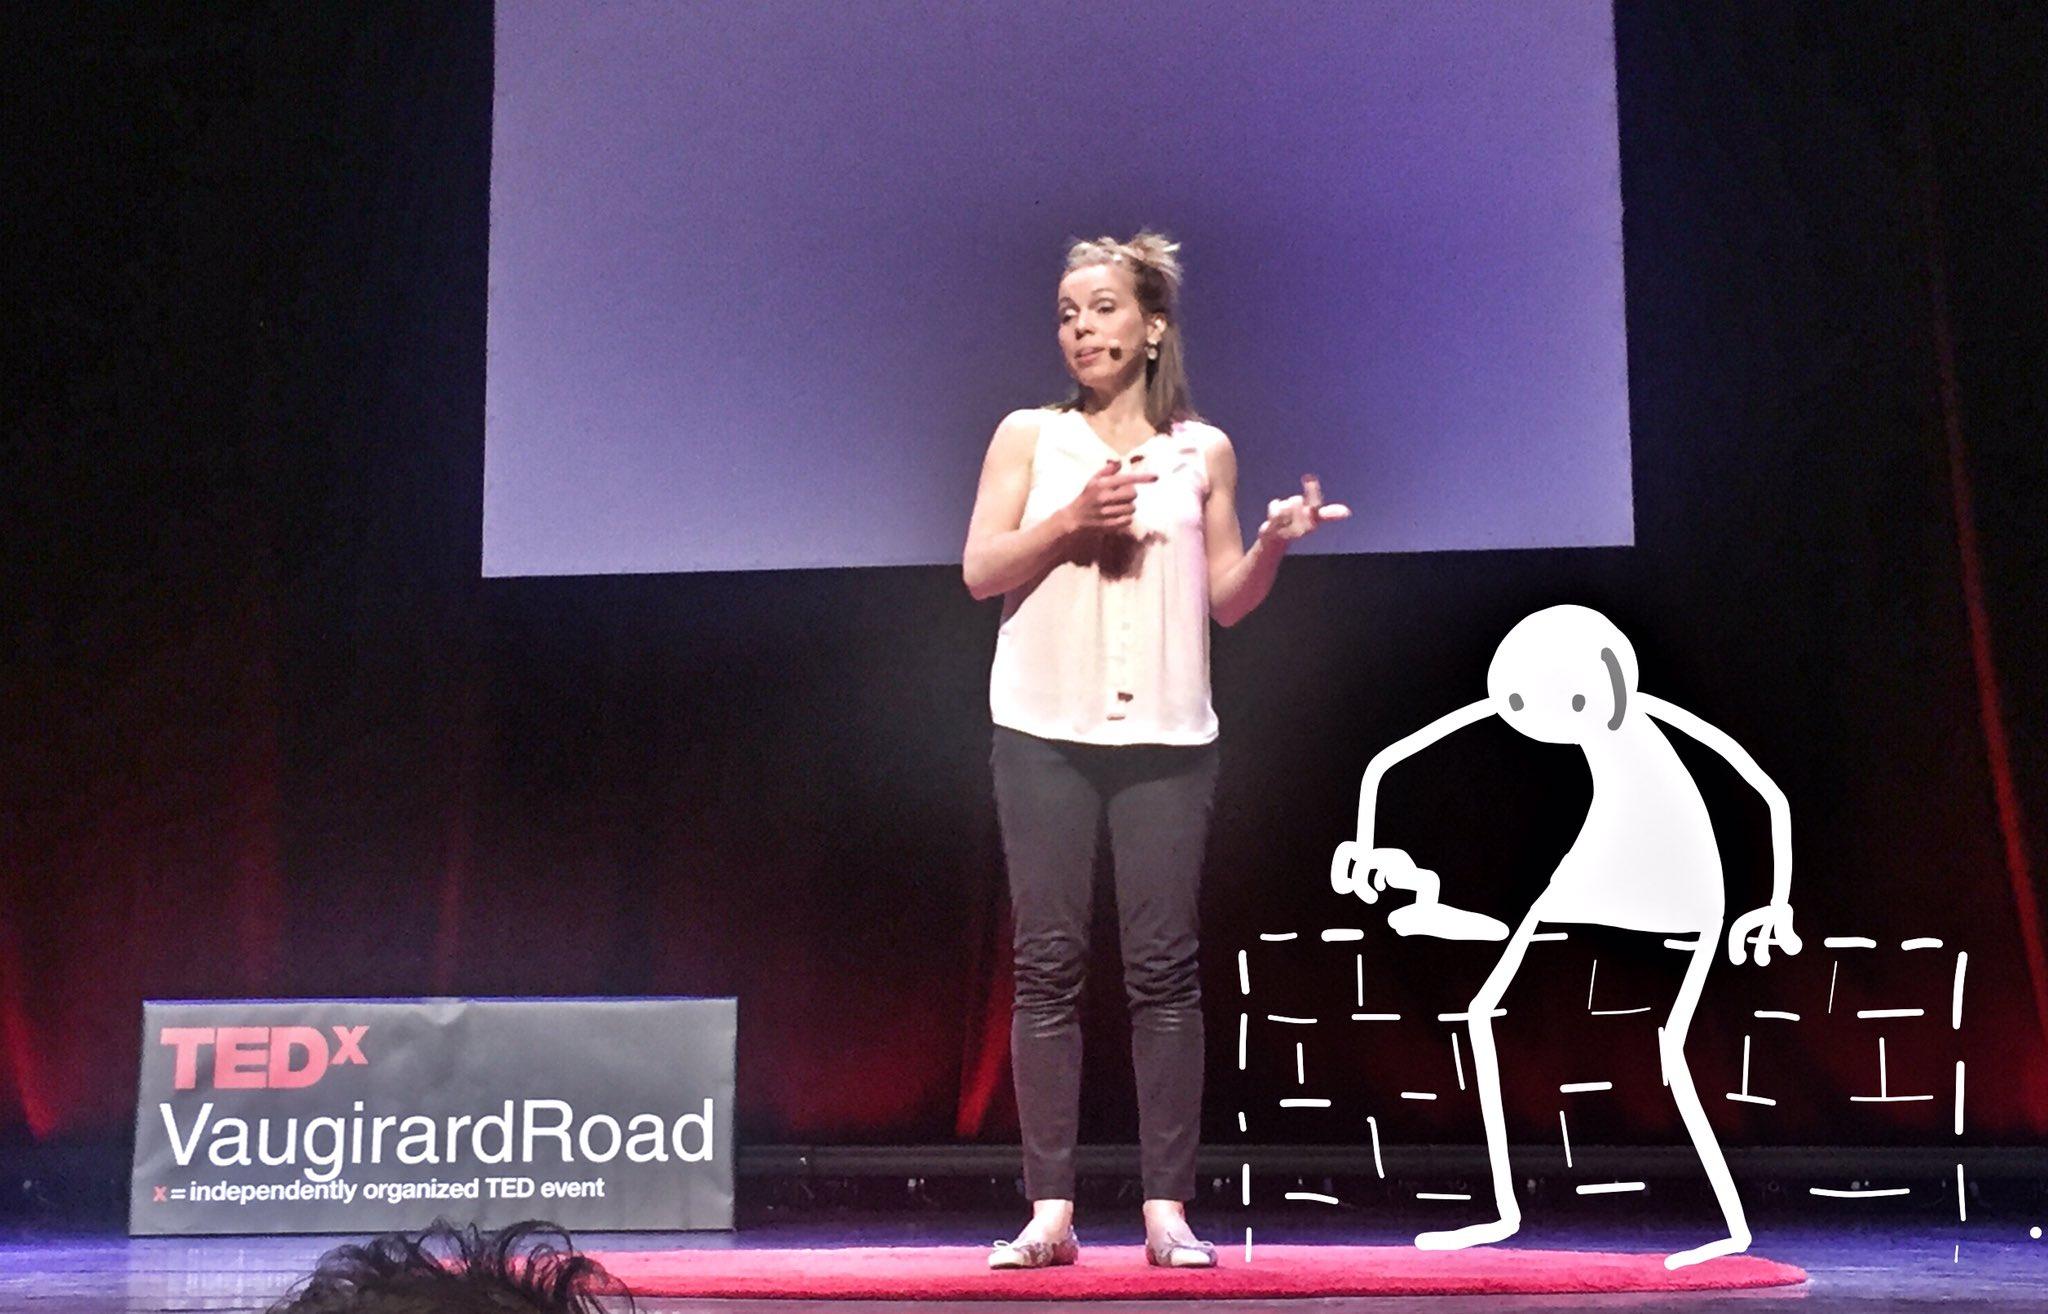 Elyx prépare un mur invisible pour @anlopiquet ! #TEDxVR #TEDxVR2016 #mime https://t.co/KAc2j3xZGz